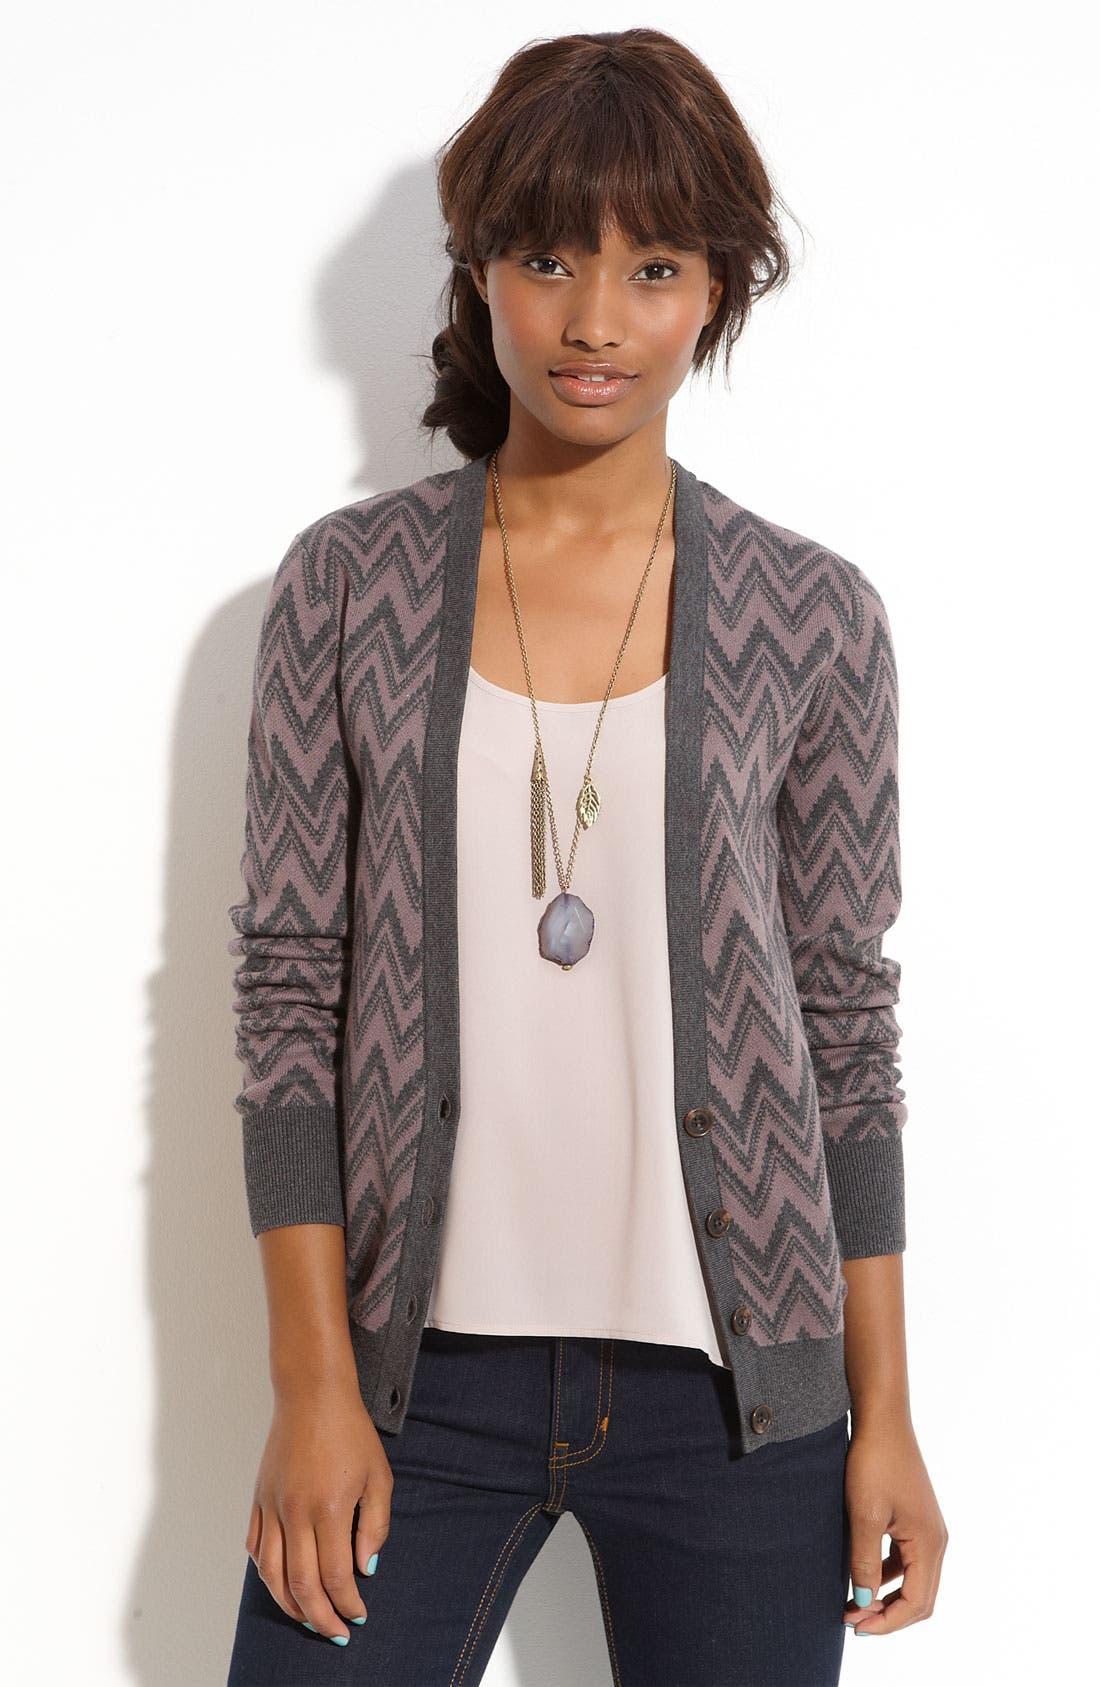 Alternate Image 1 Selected - Frenchi® Zigzag Stripe Cardigan (Juniors)